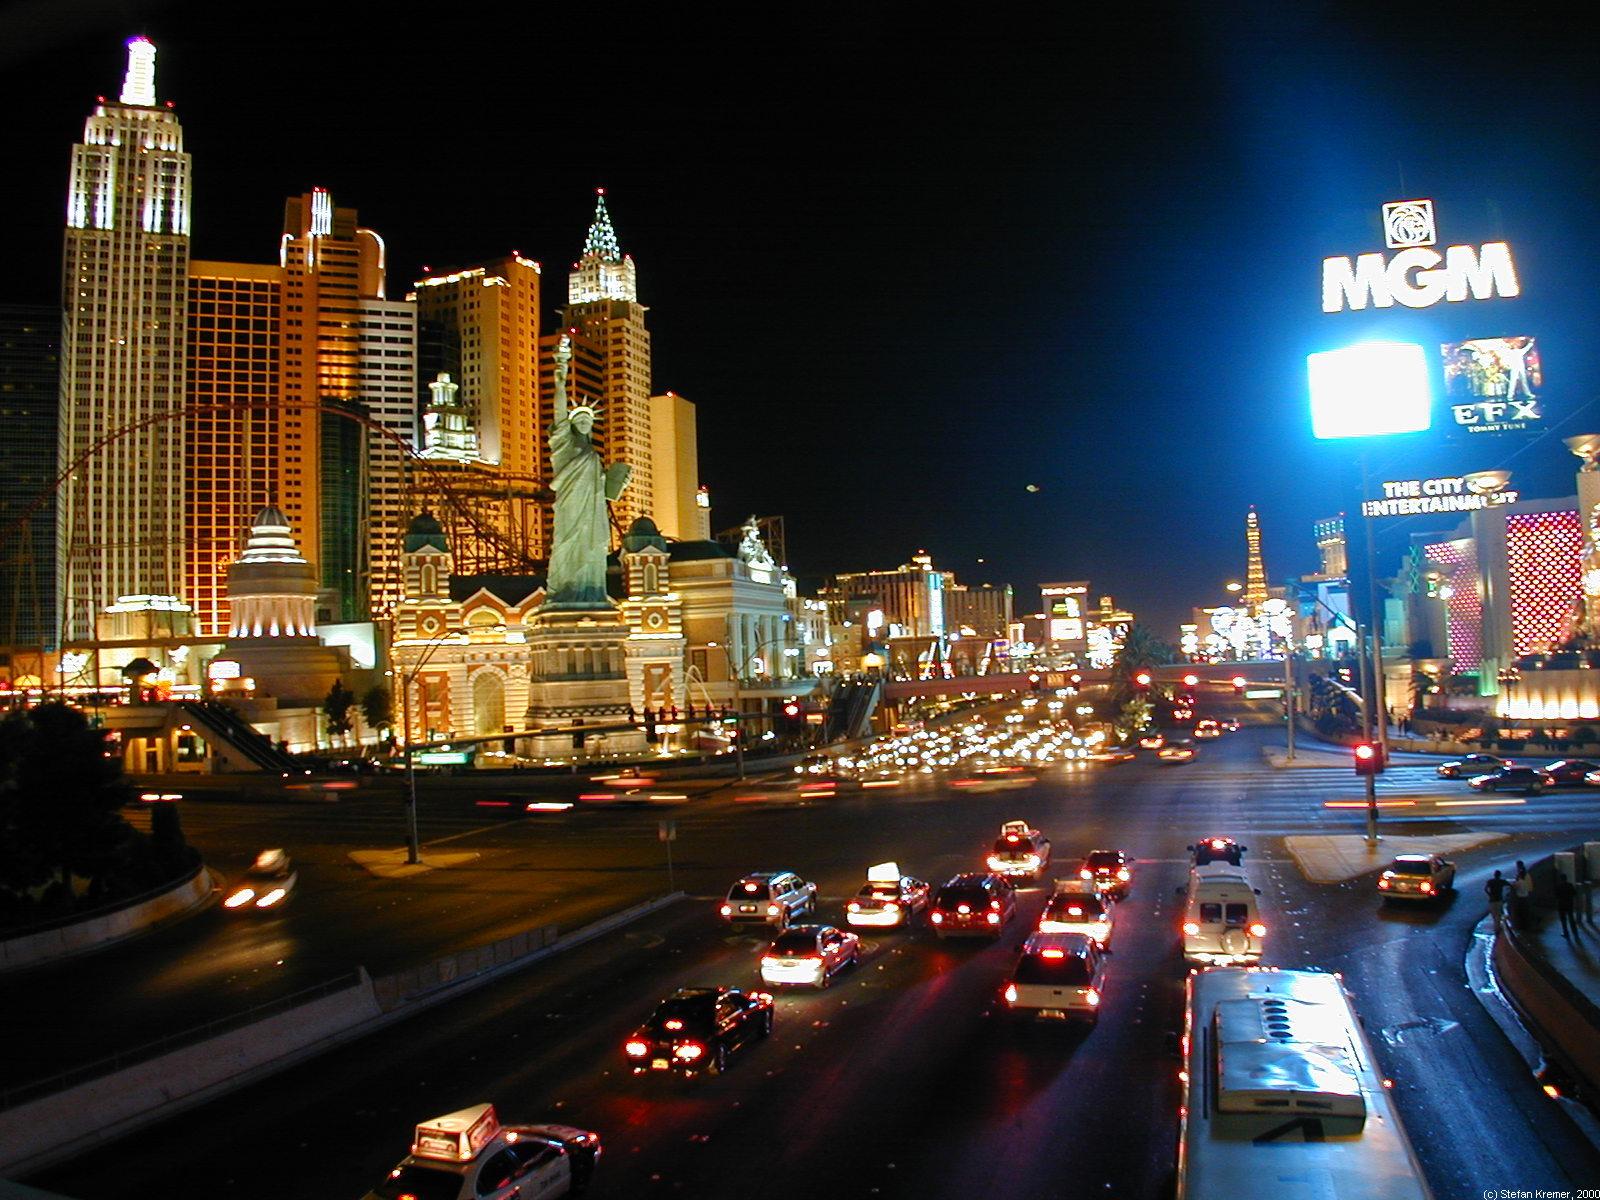 las vegas strip - hotels und casinos mit ihren außenshows am